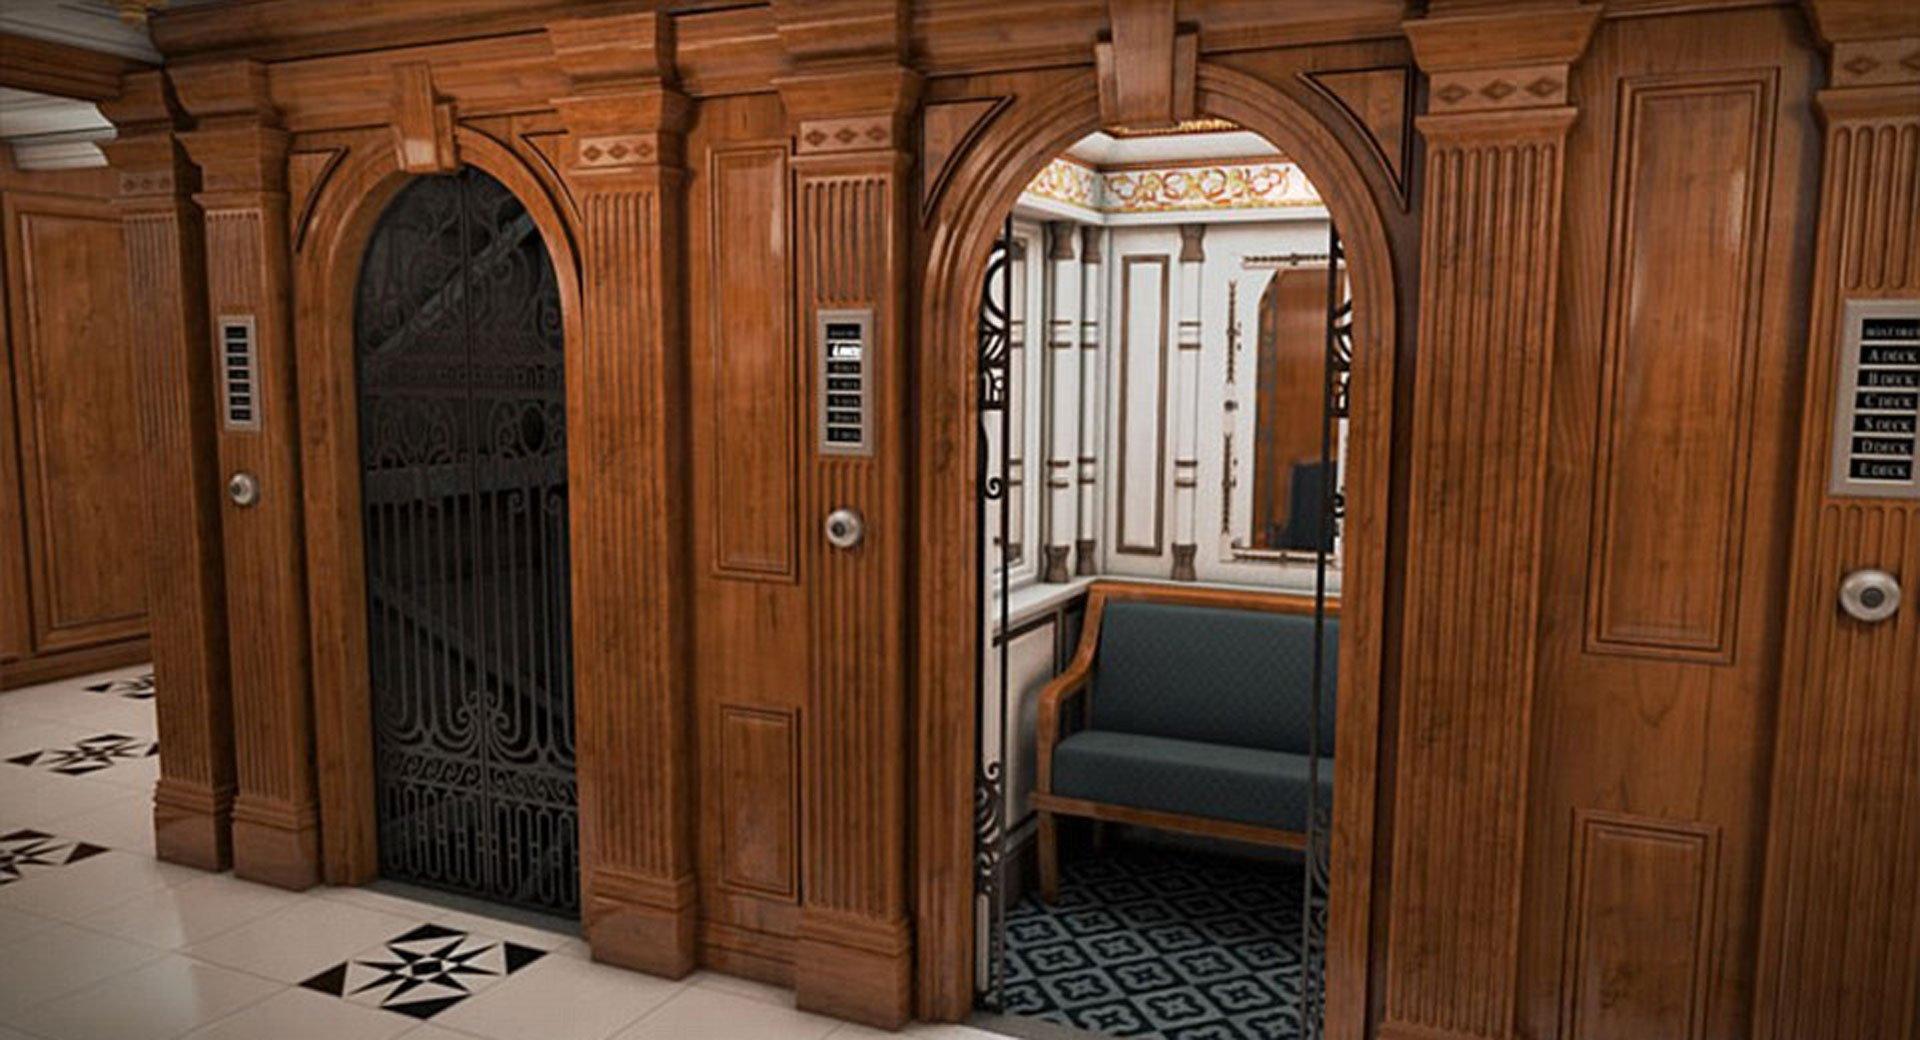 Los pintorescos y señoriales ascensores del Titanic II